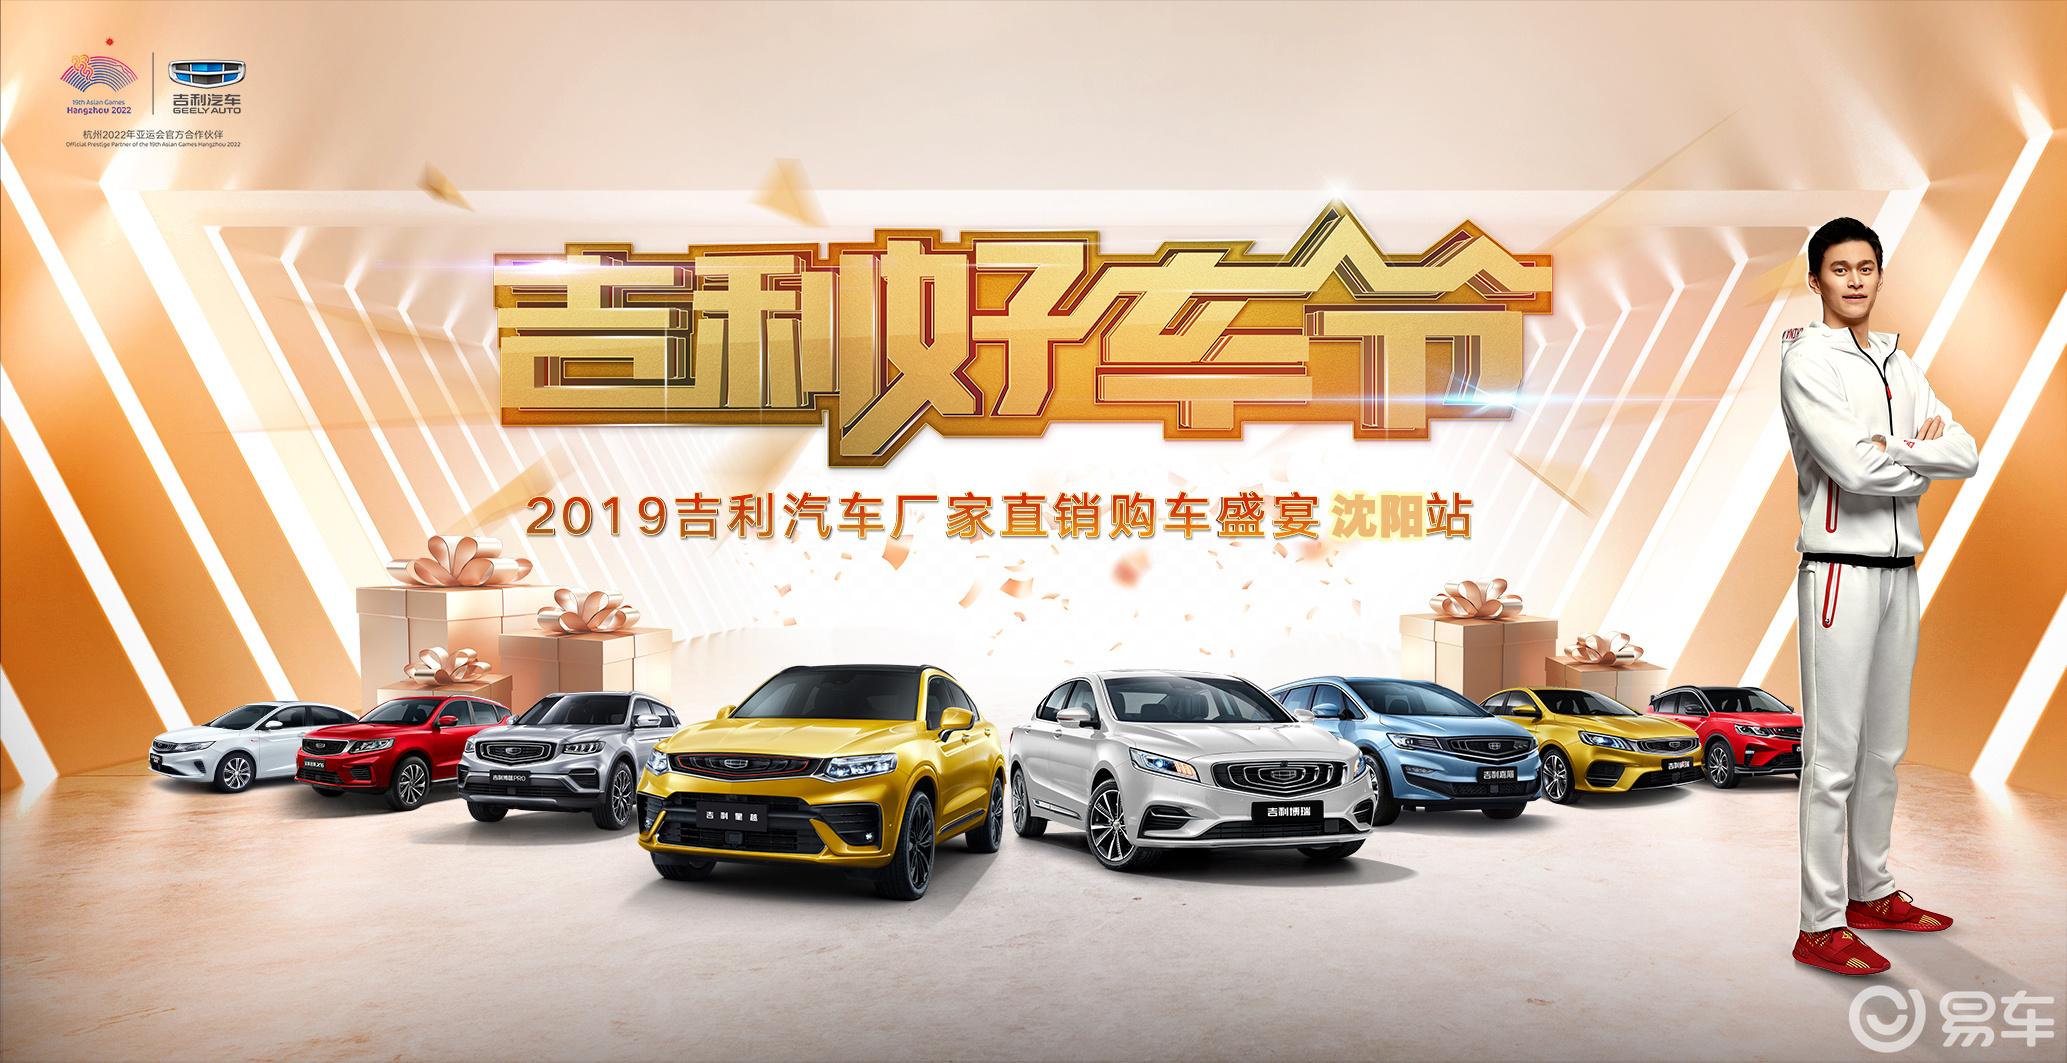 展览馆新北方车展,年末冲量吉利全系车型一律厂家最低价!